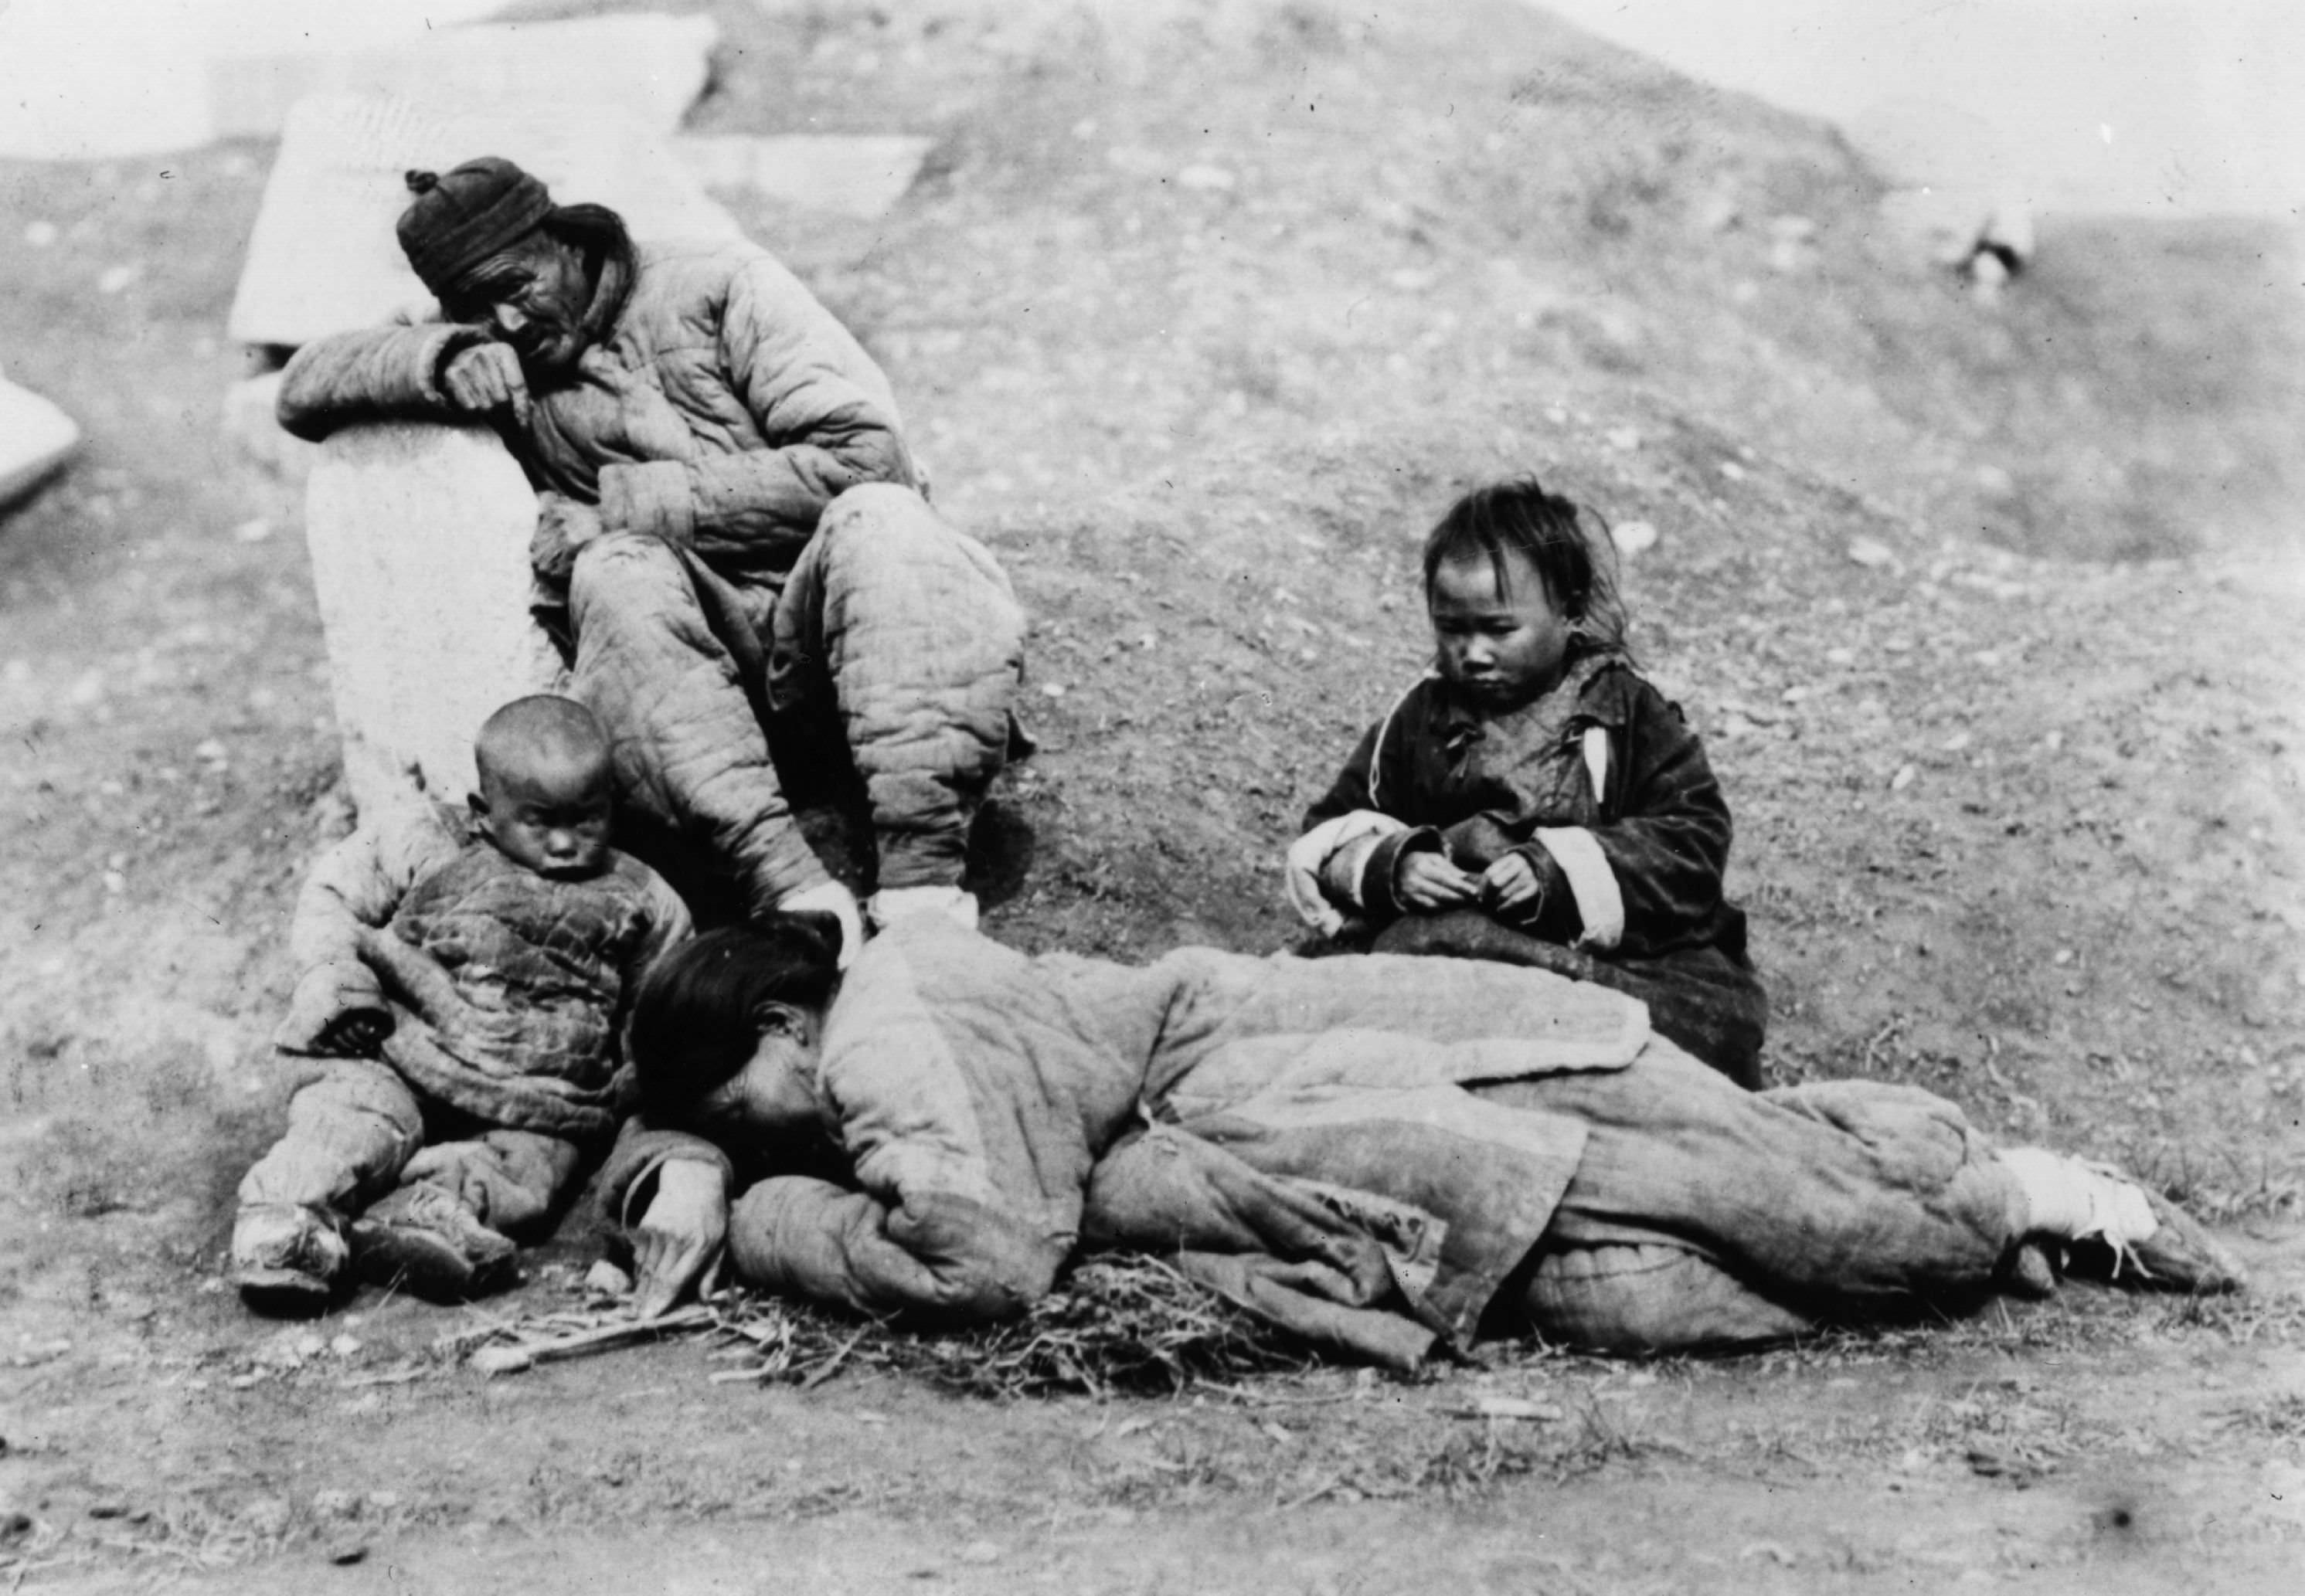 Nạn đói xảy ra vào thời kì đại nhảy vọt đã đẩy người dân Trung Quốc vào khốn cảnh, sự việc như ăn thịt người đã xảy ra. Ảnh một gia đình trong Nạn đói lớn (1958 - 1961)